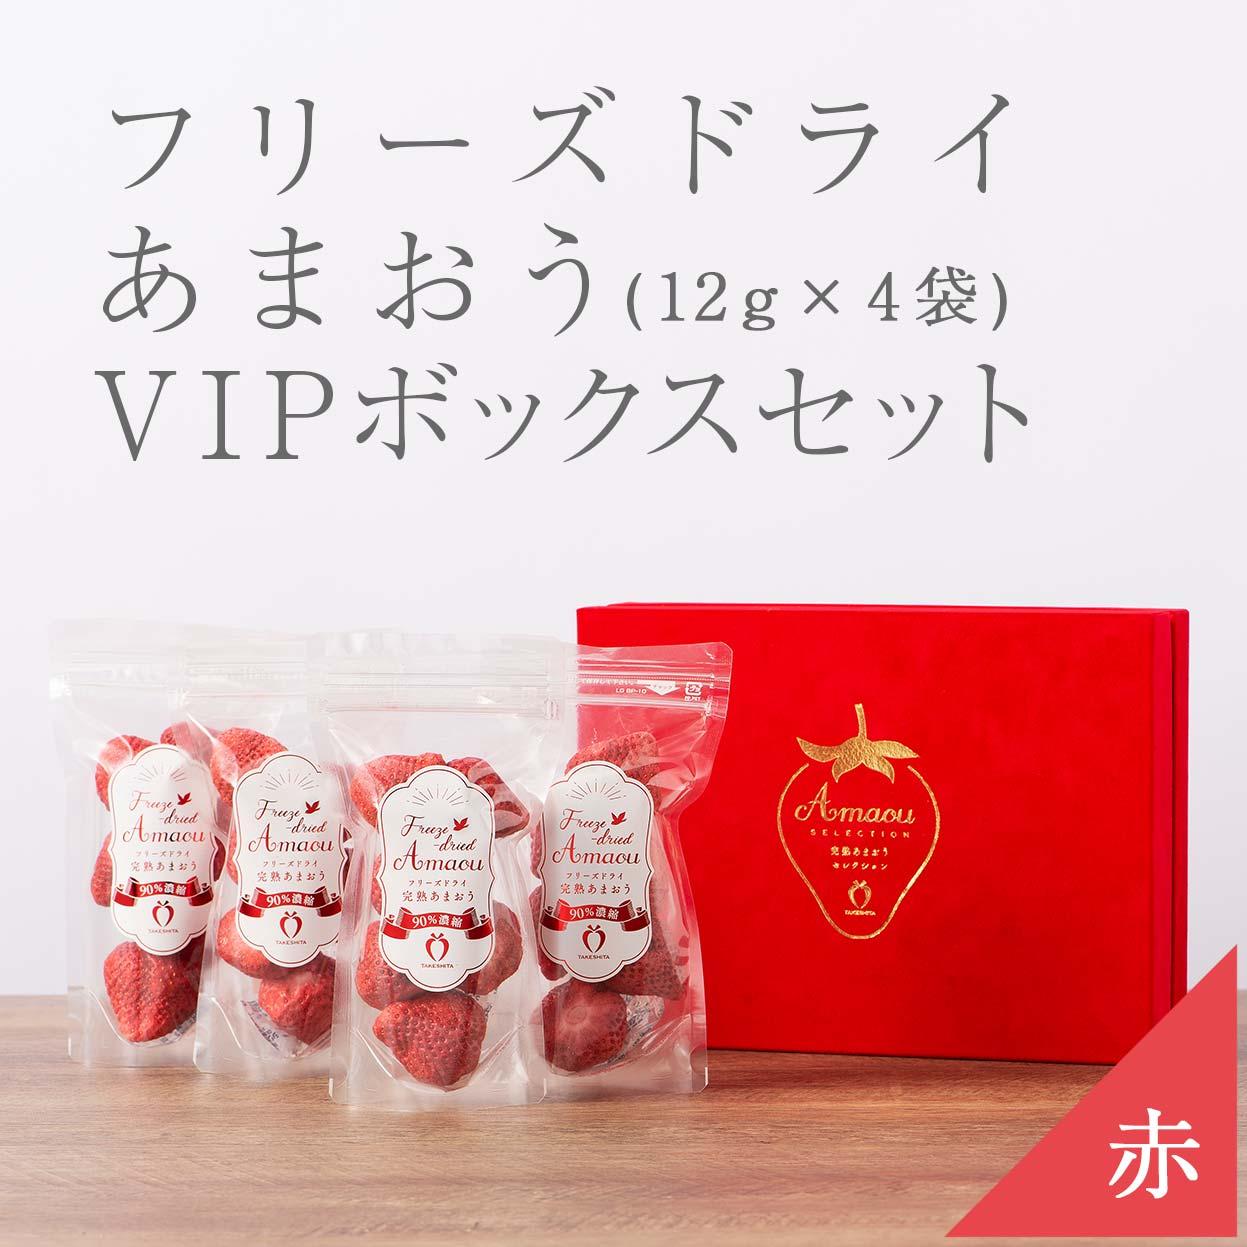 VIPボックス赤箱 フリーズドライあまおうセット12g×4袋